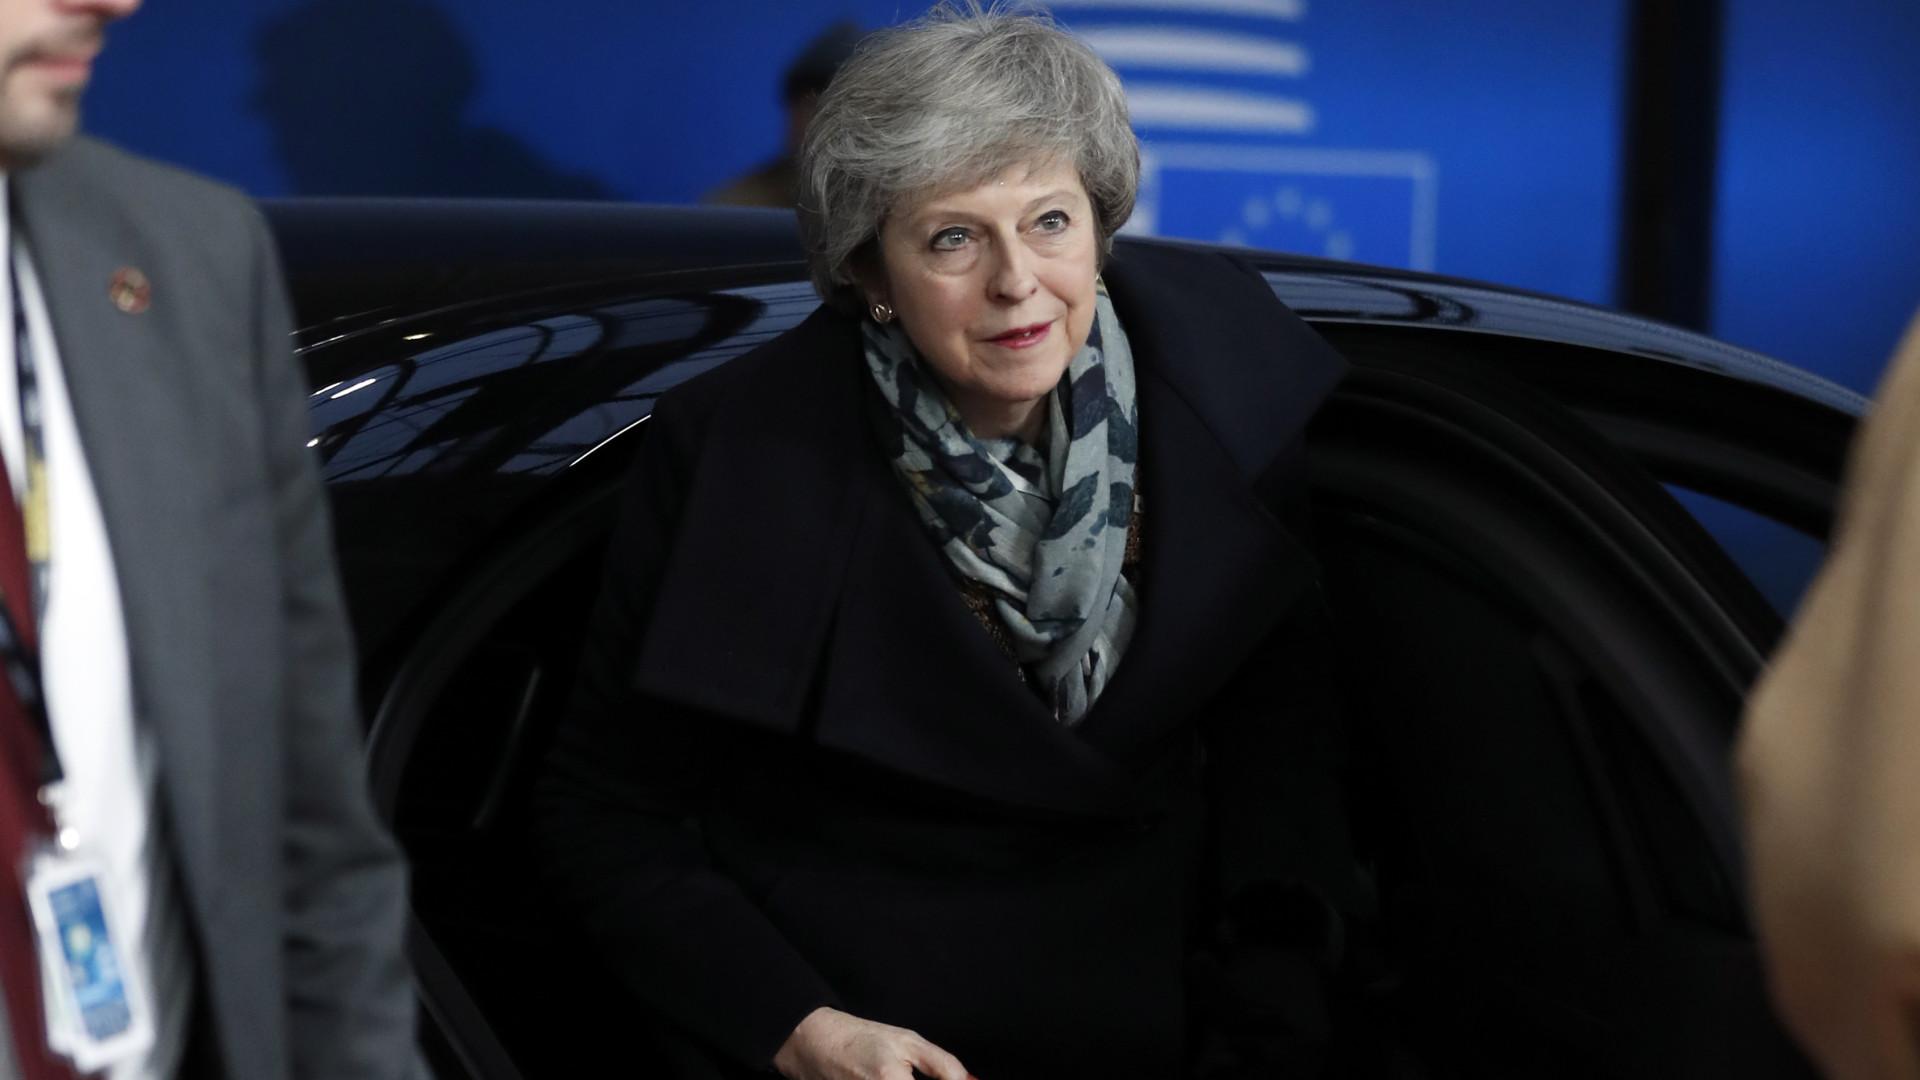 May reitera recusa em convocar segundo referendo e critica Tony Blair